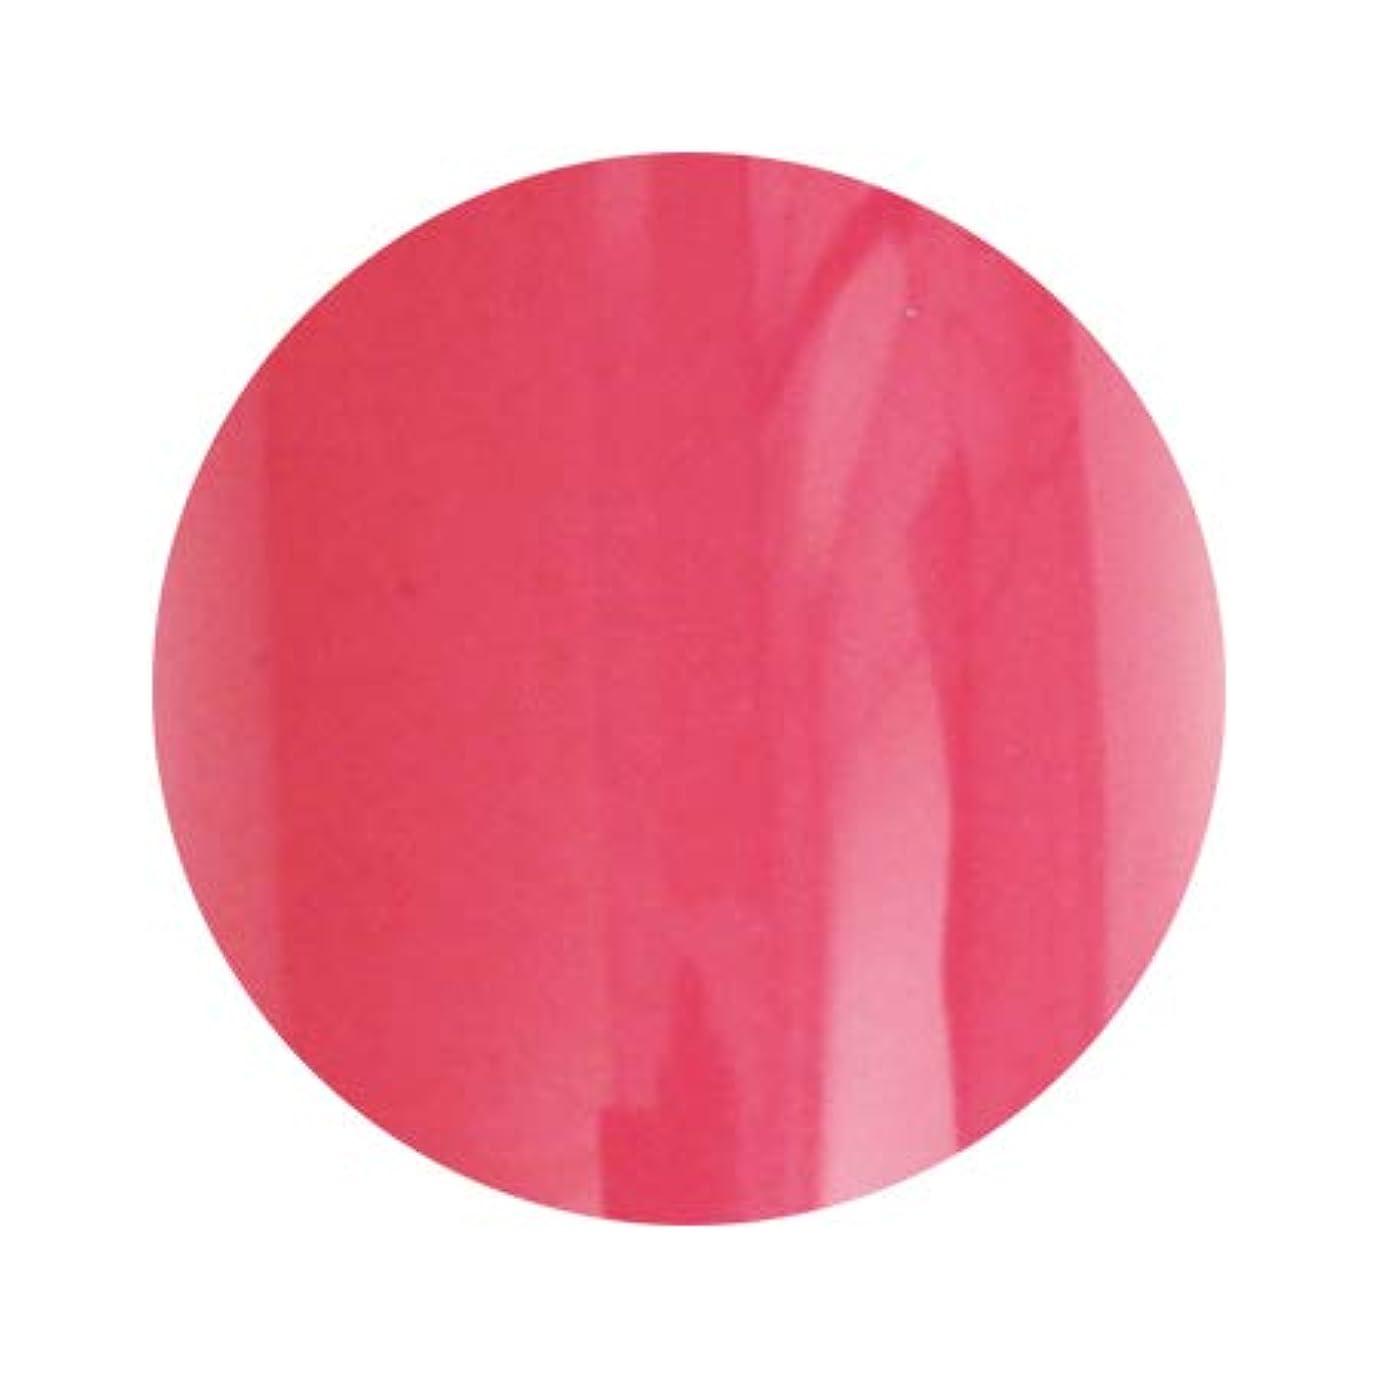 養う現実東方LUCU GEL ルクジェル カラー REM06 コーラルレッド 3.5g